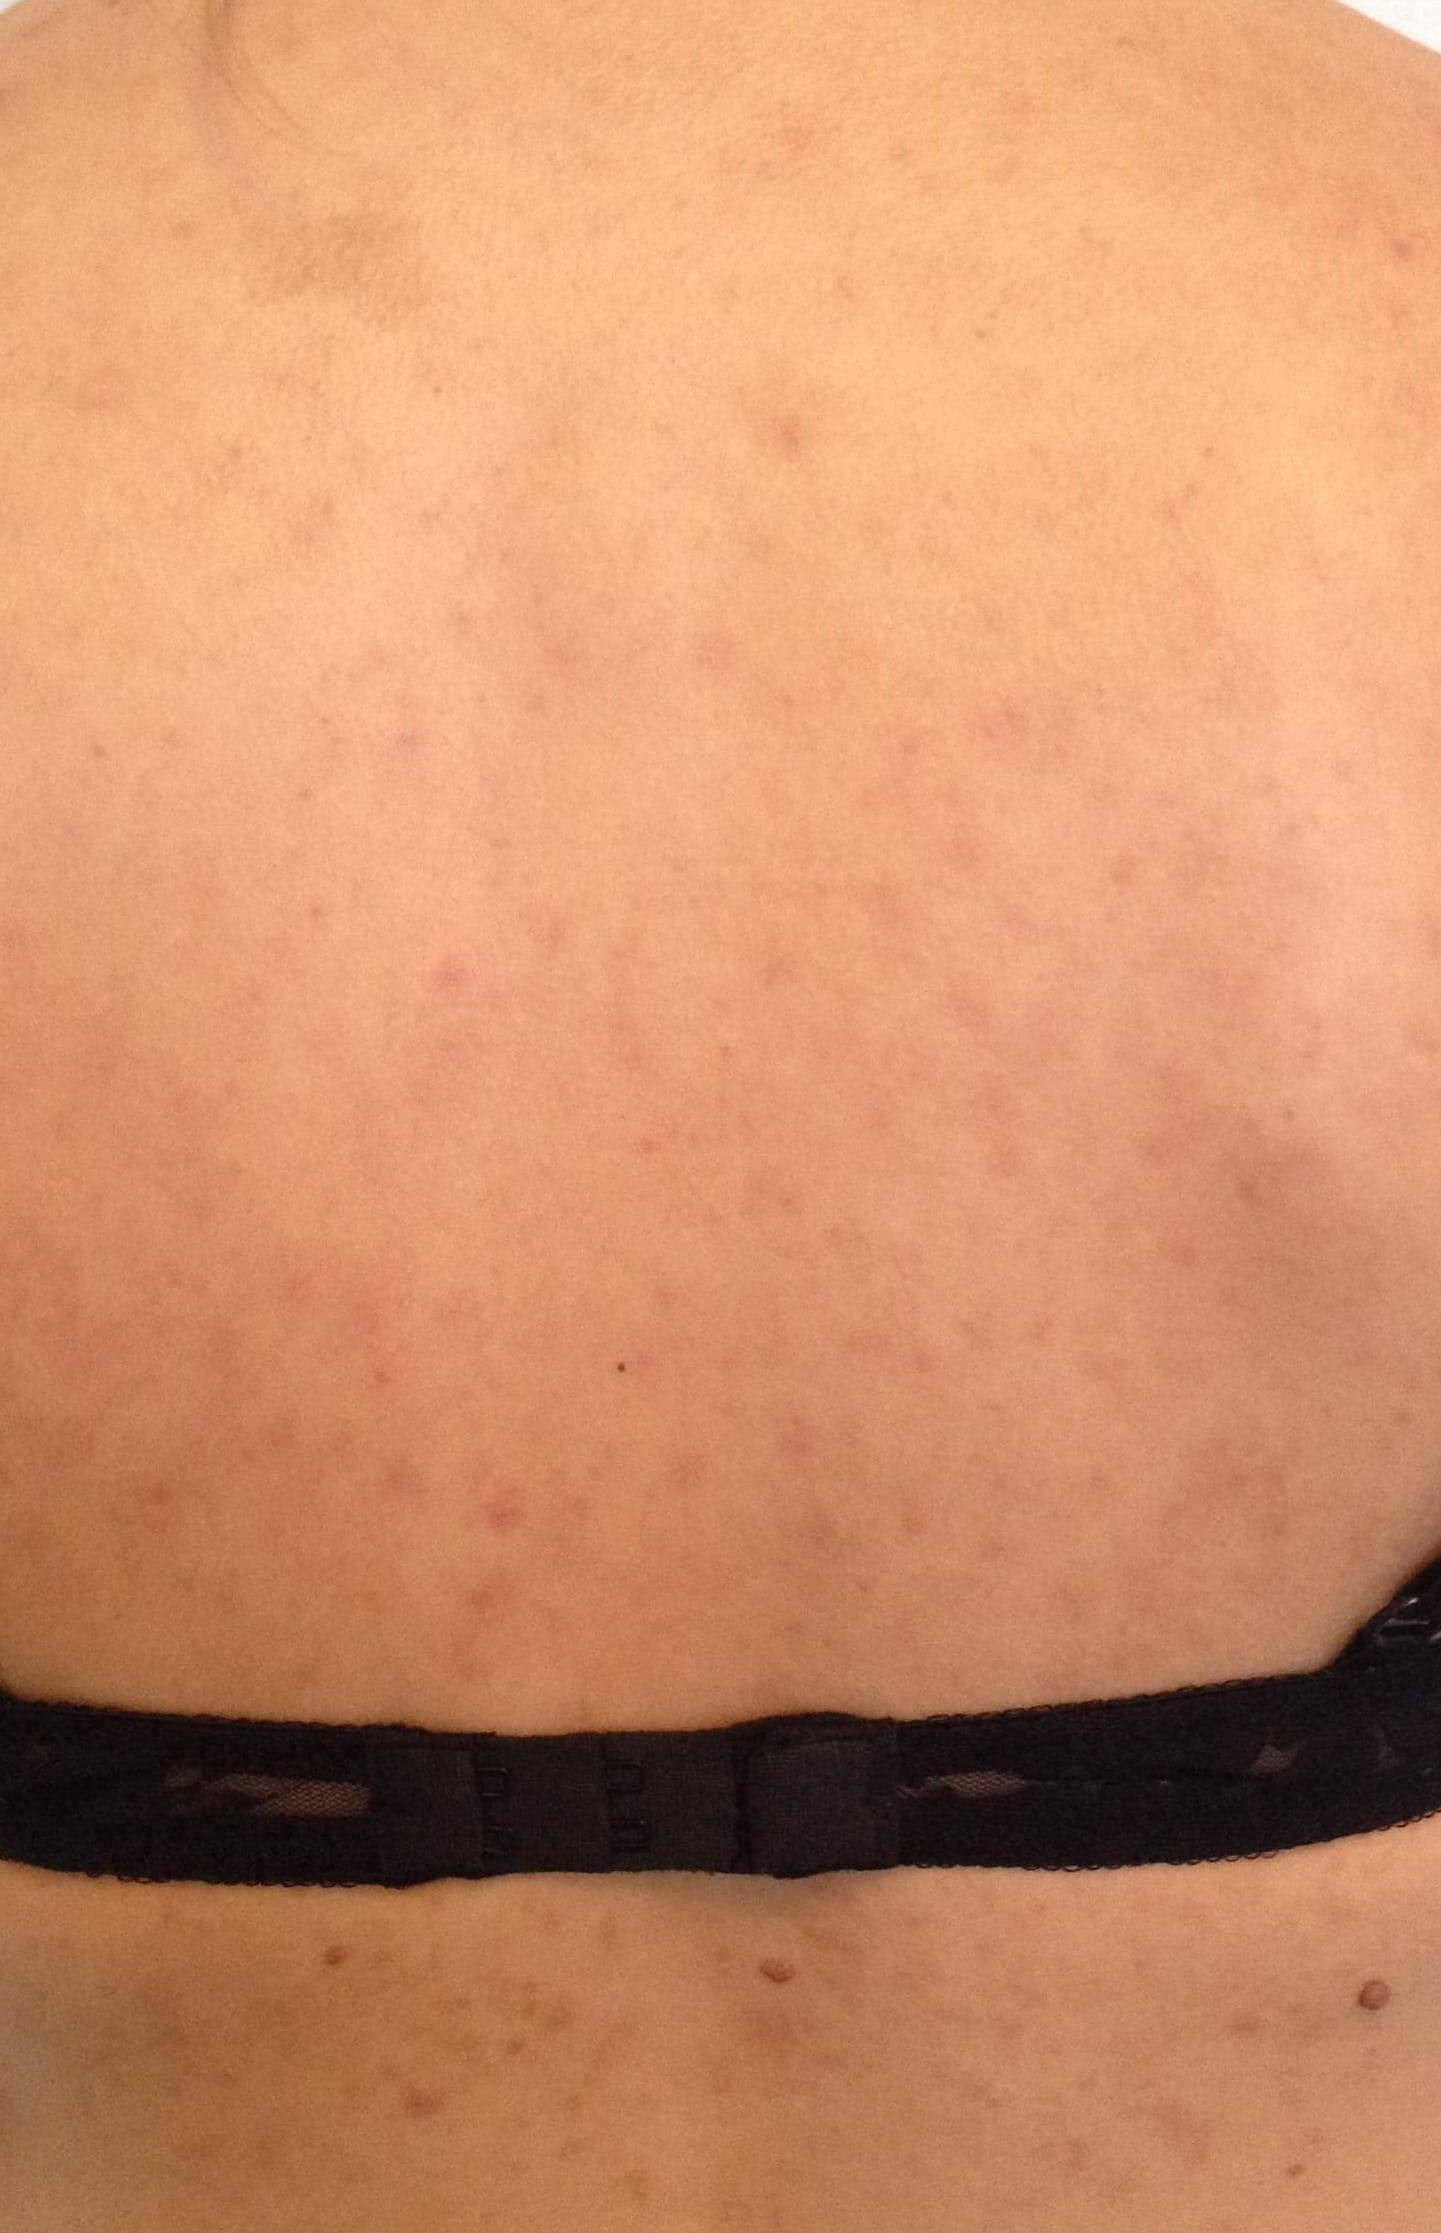 Puistjes en pukkels op je rug en schouders